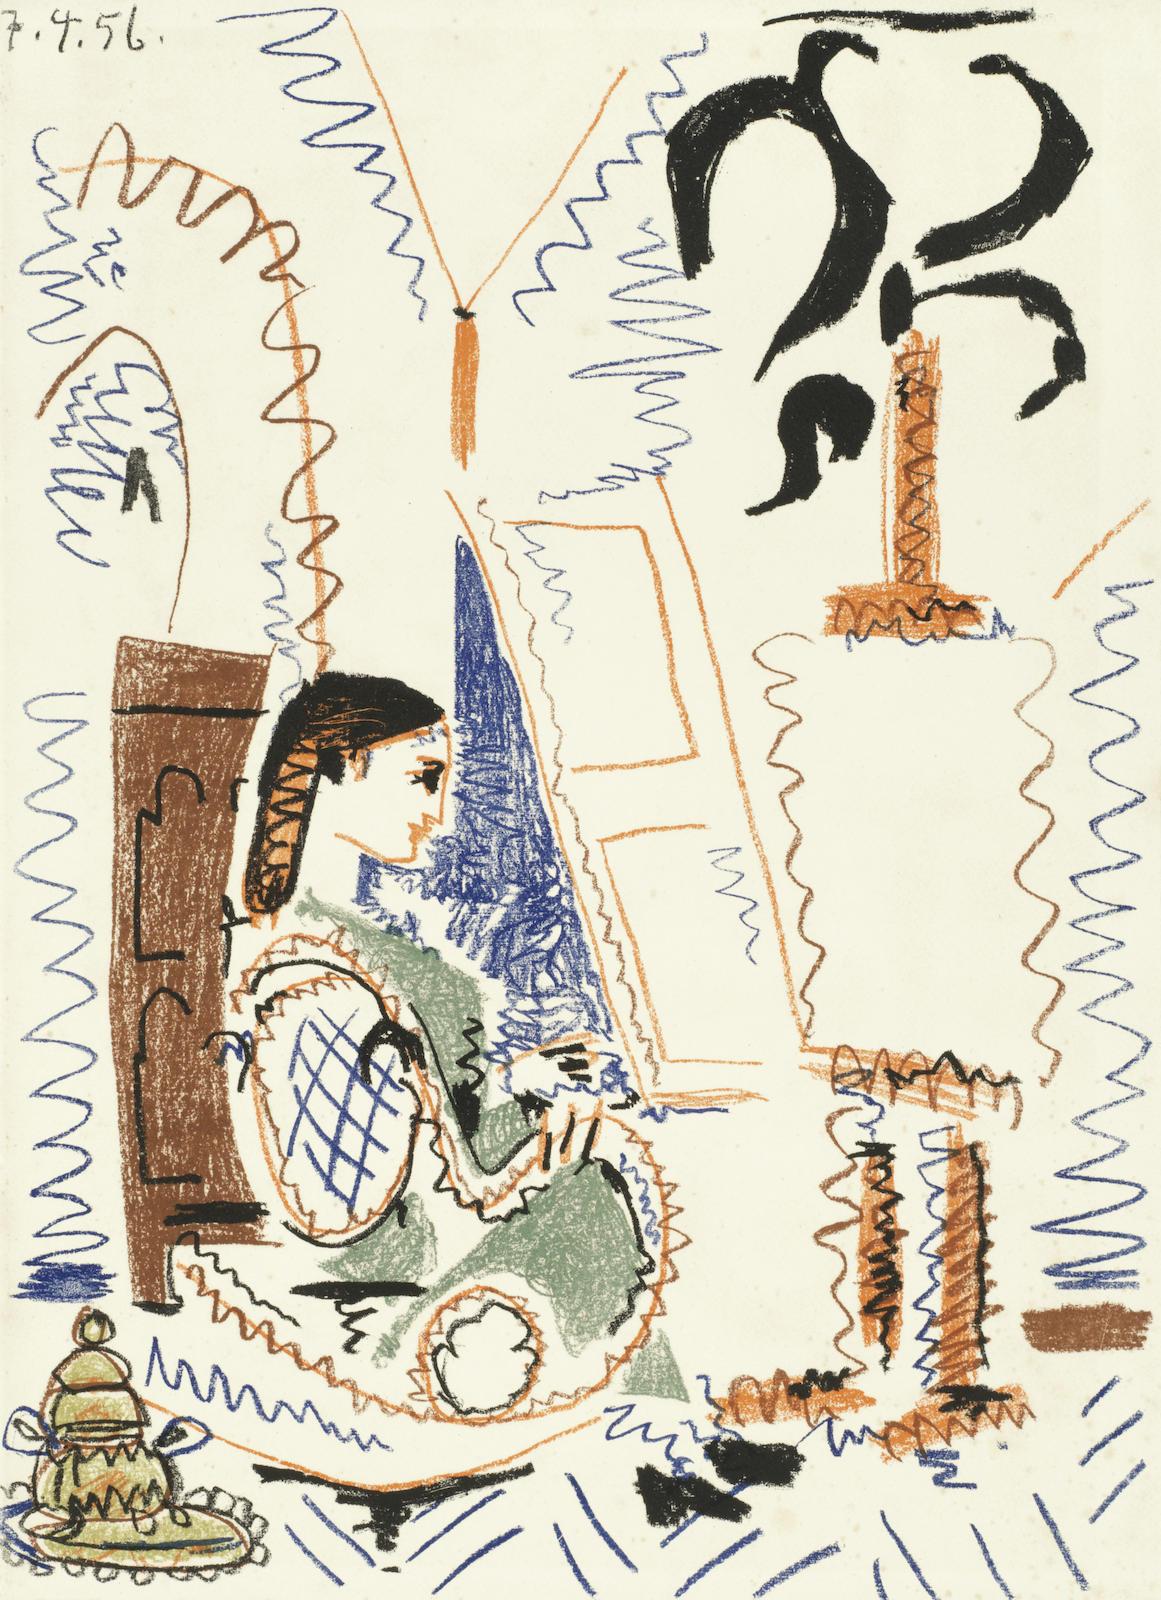 Pablo Picasso-L'Atelier de Cannes, from 'Dans l'Atelier de Picasso' (Mourlot 279; Bloch 794)-1956